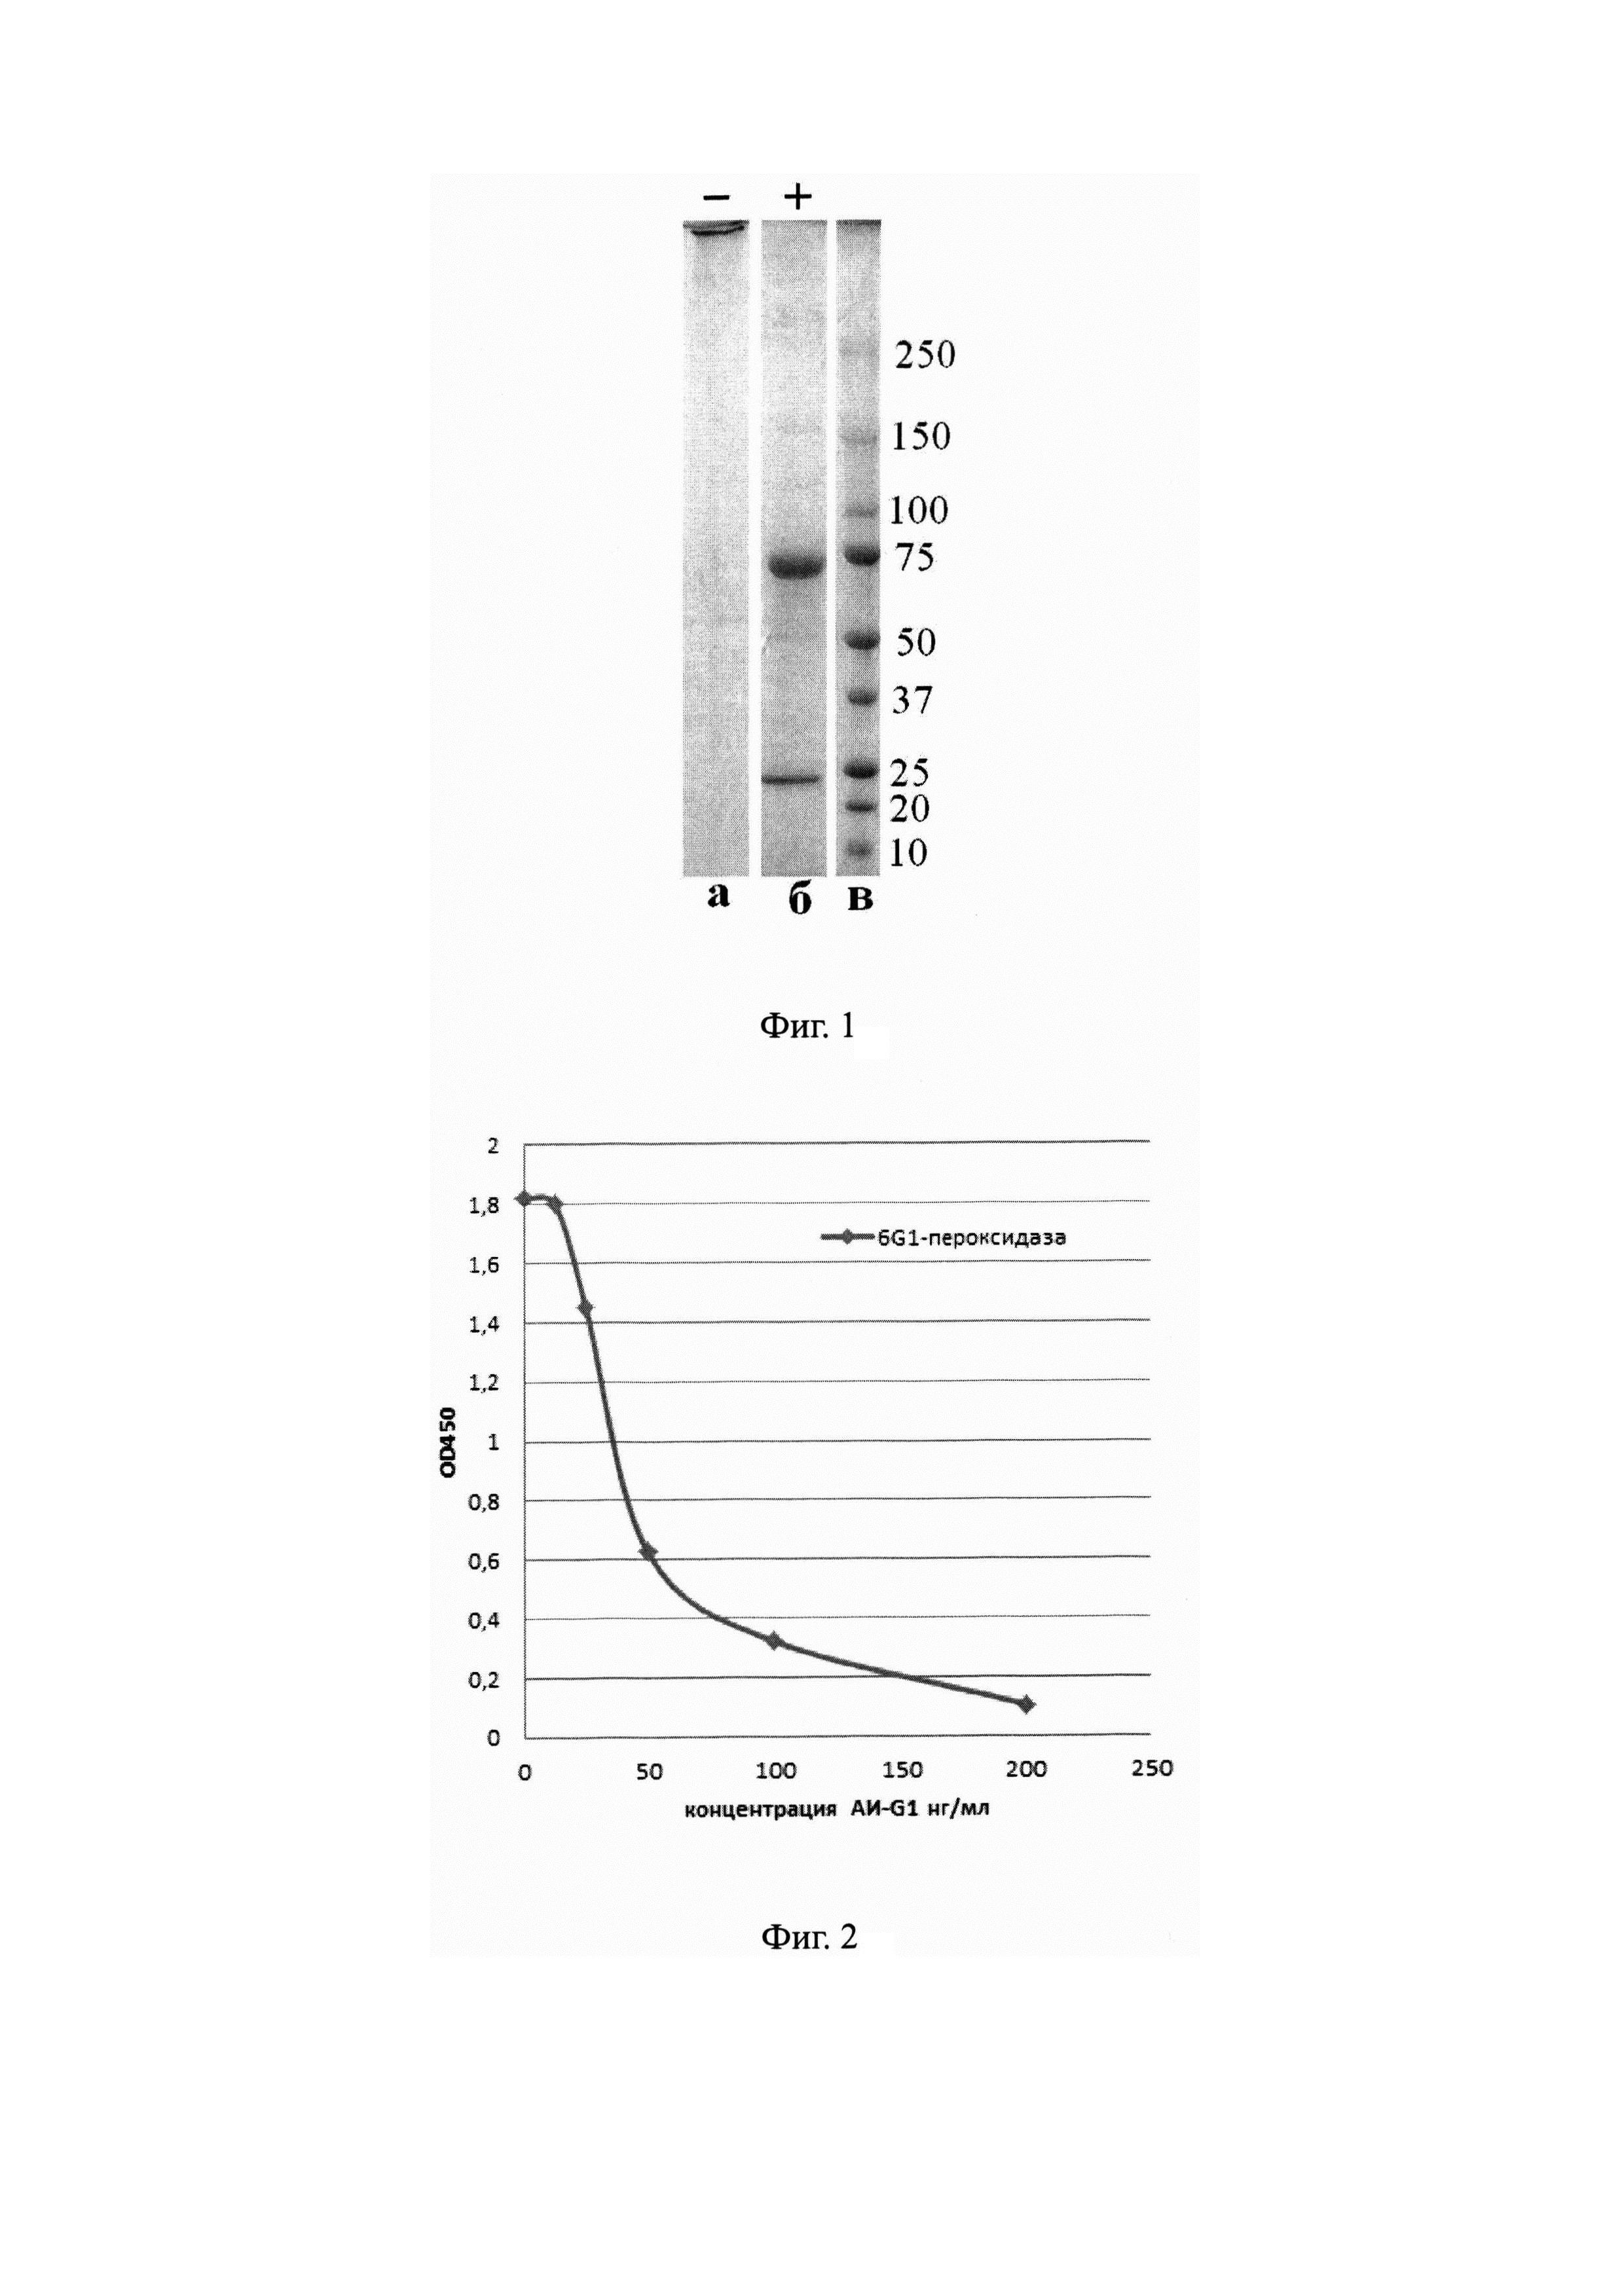 Моноклональное антиидиотипическое антитело аи-g1, обладающее антигенными свойствами морфина